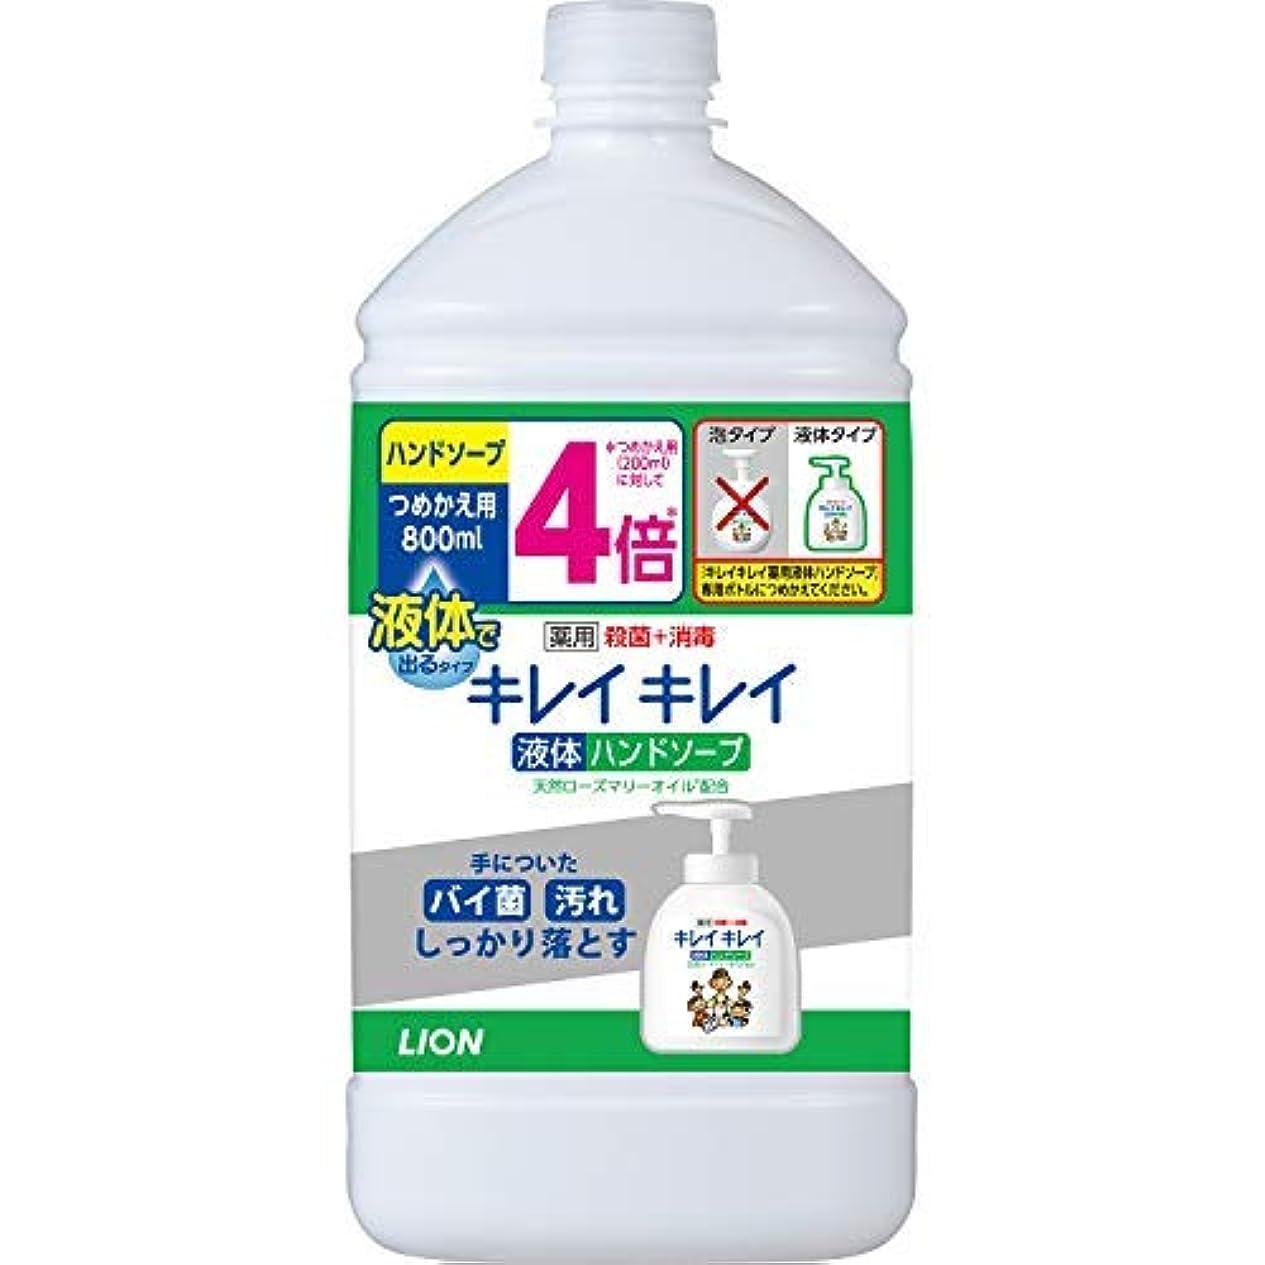 敵意形状医学キレイキレイ 薬用液体ハンドソープ つめかえ用特大サイズシトラスフルーテイ × 8個セット